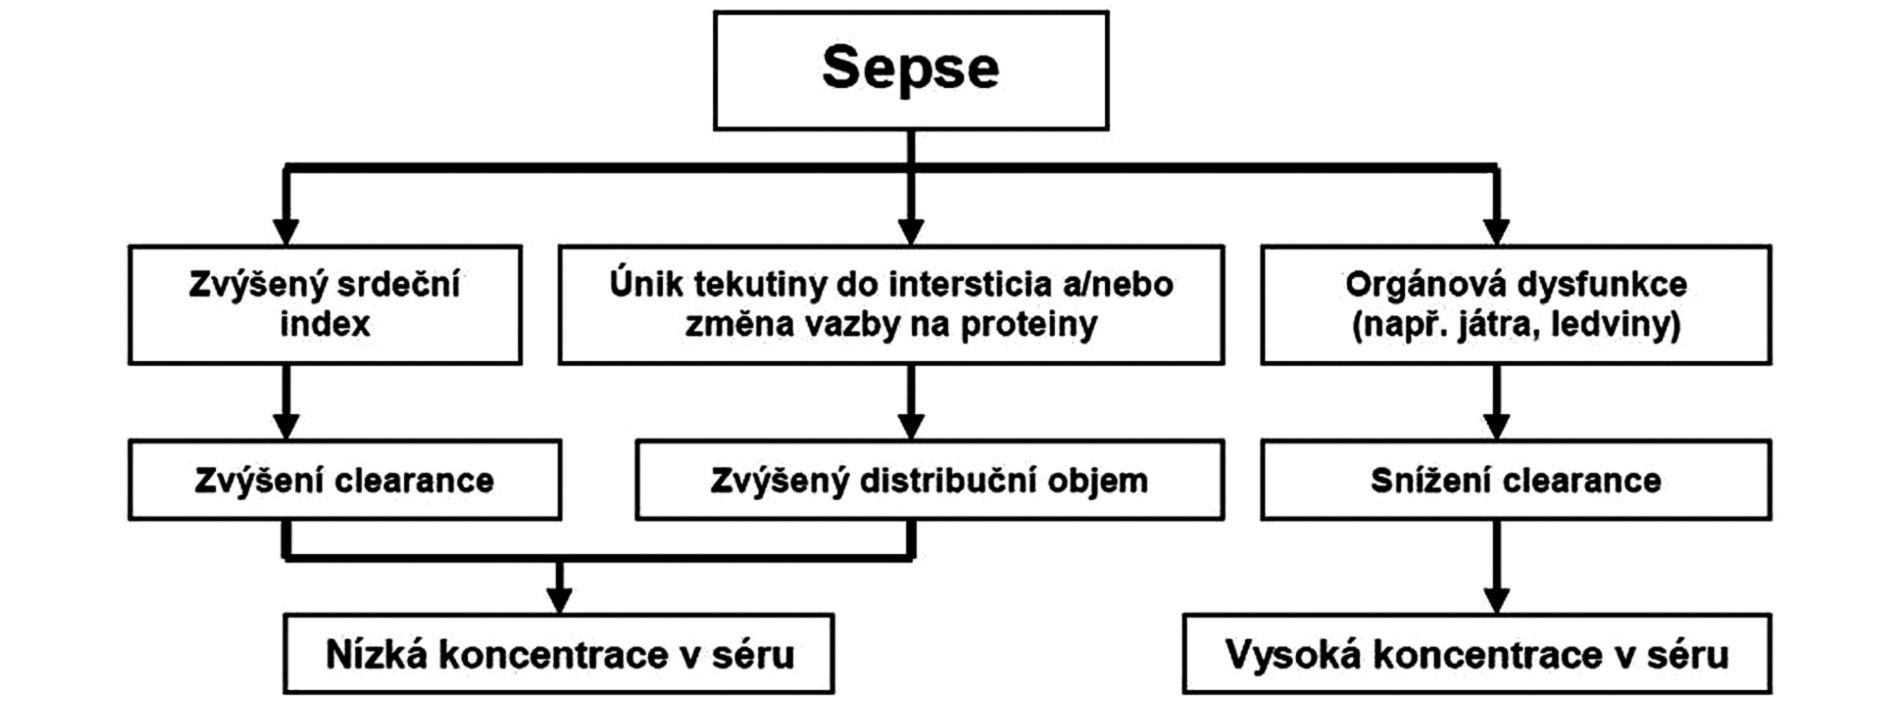 Schéma základních patofyziologických změn při sepsi a jejich vliv na farmakokinetiku